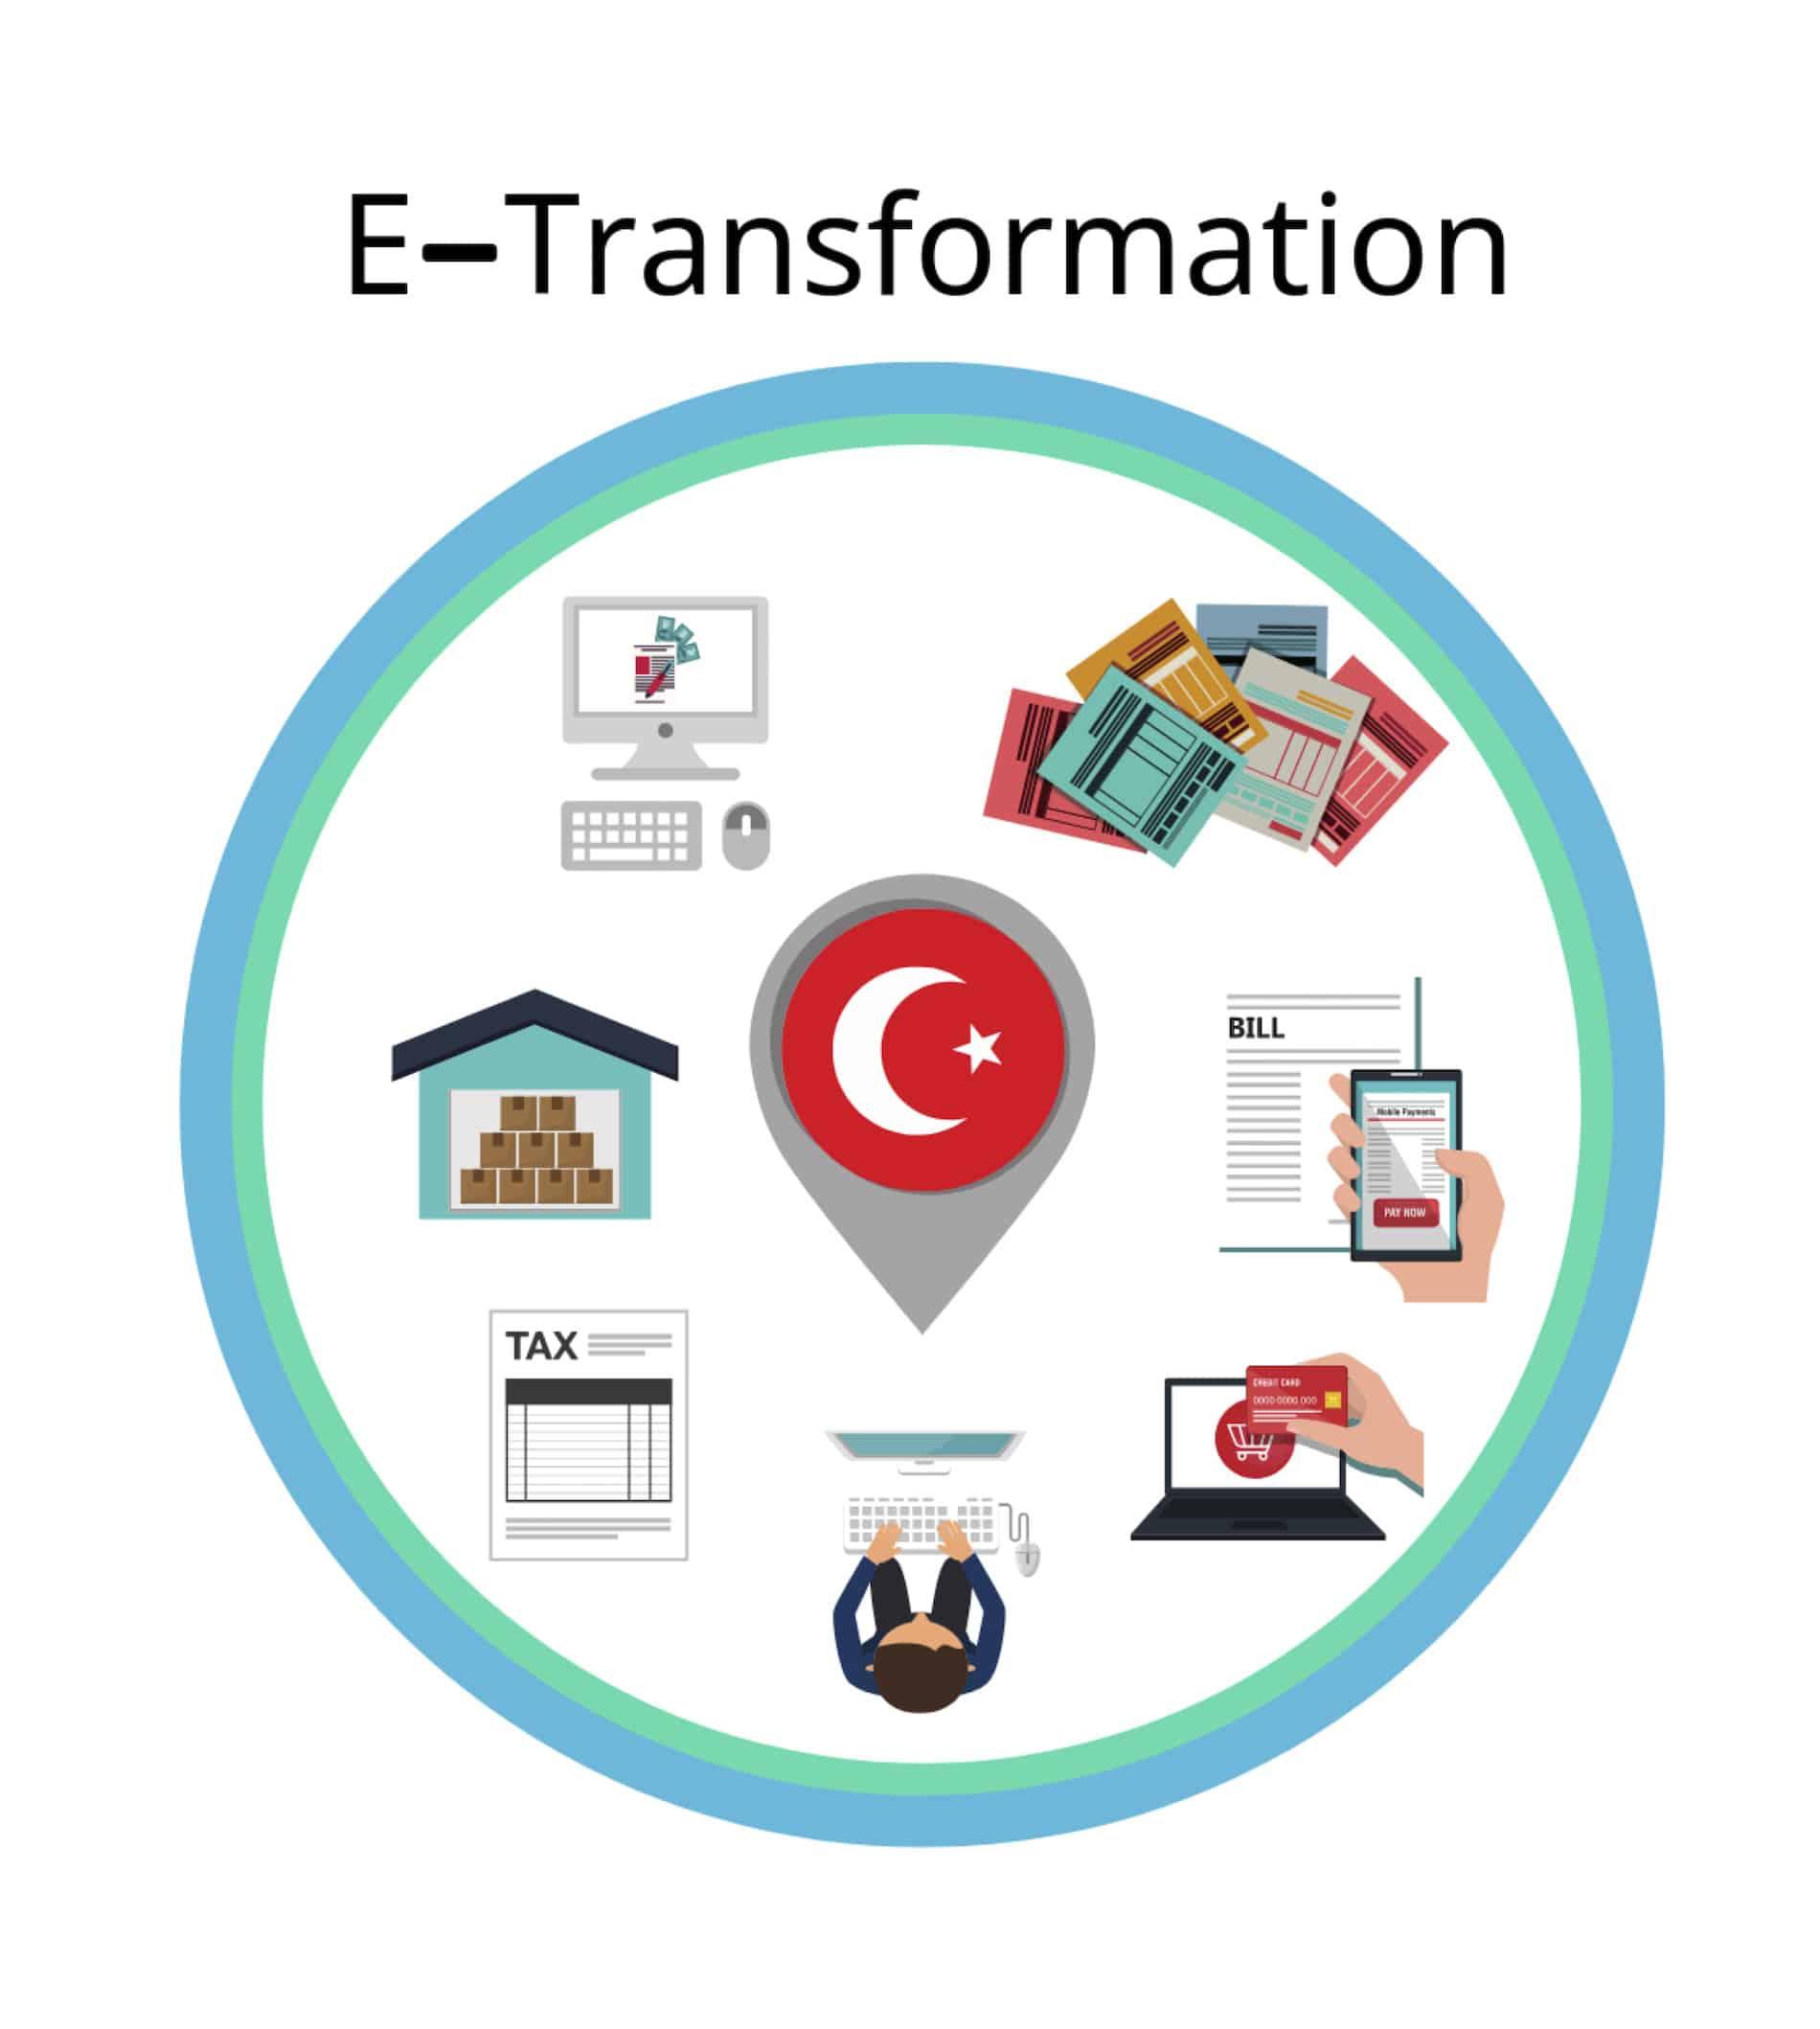 E-Transformation